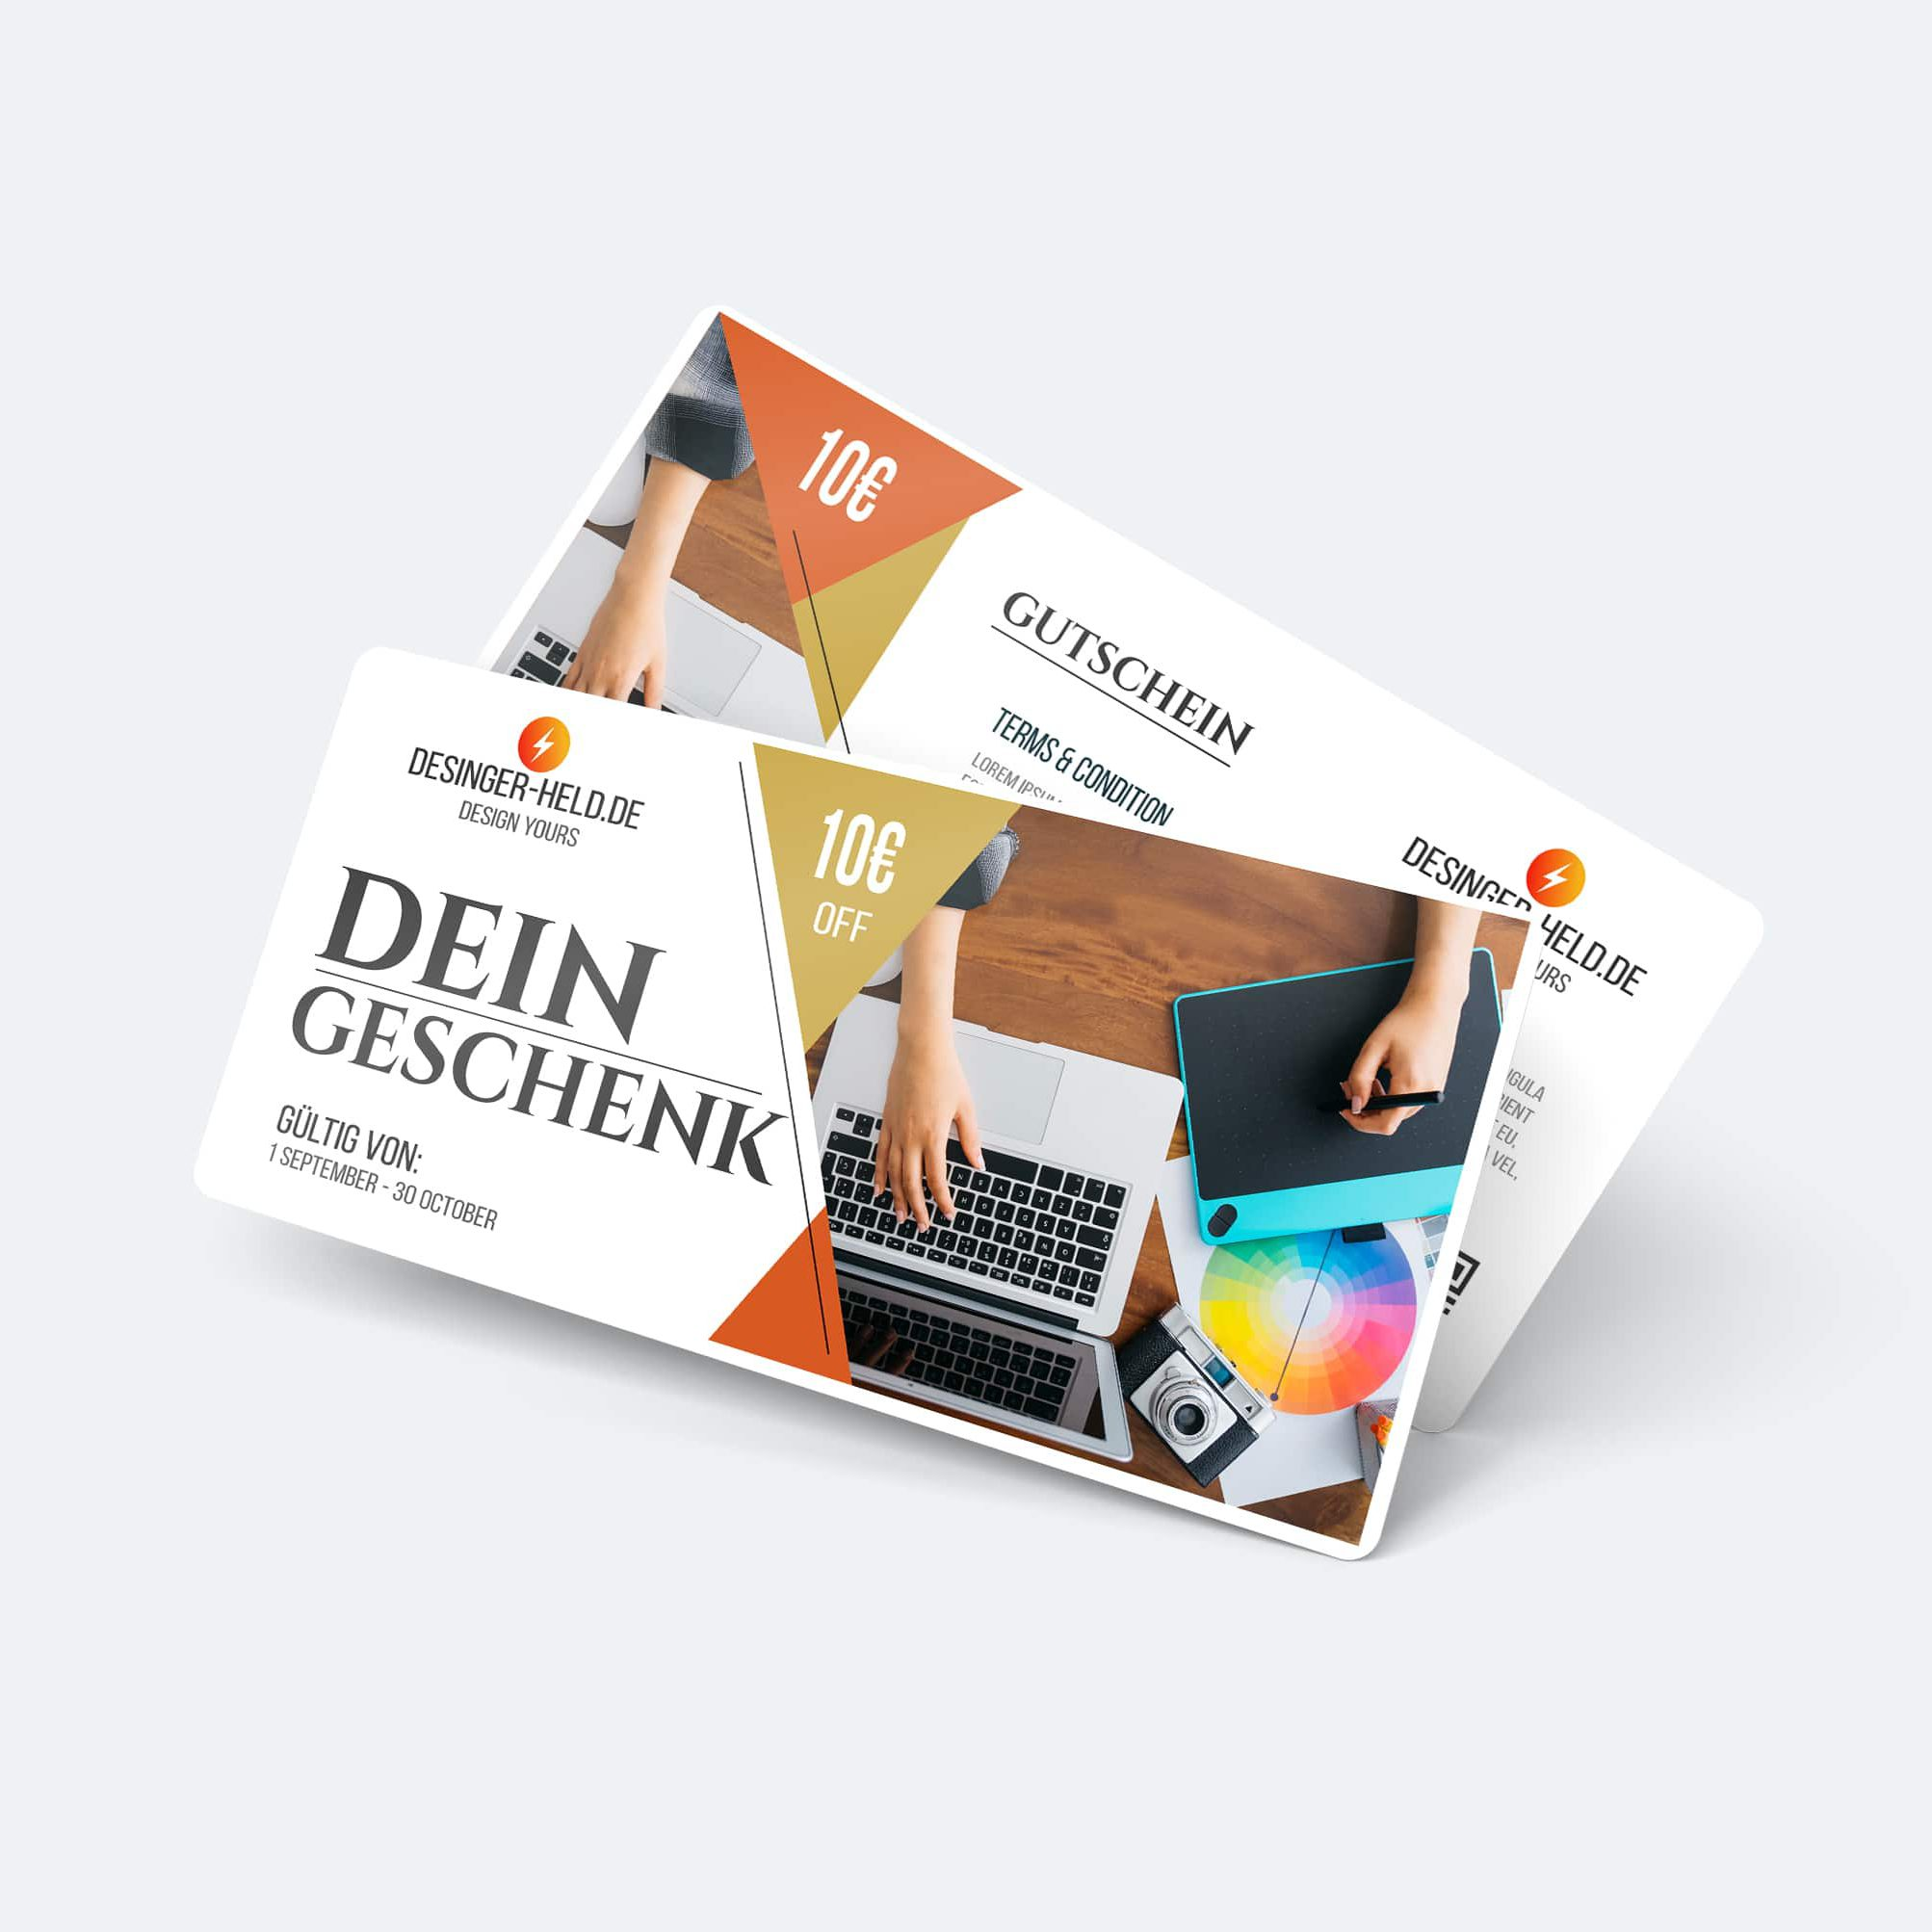 Gutschein-Design